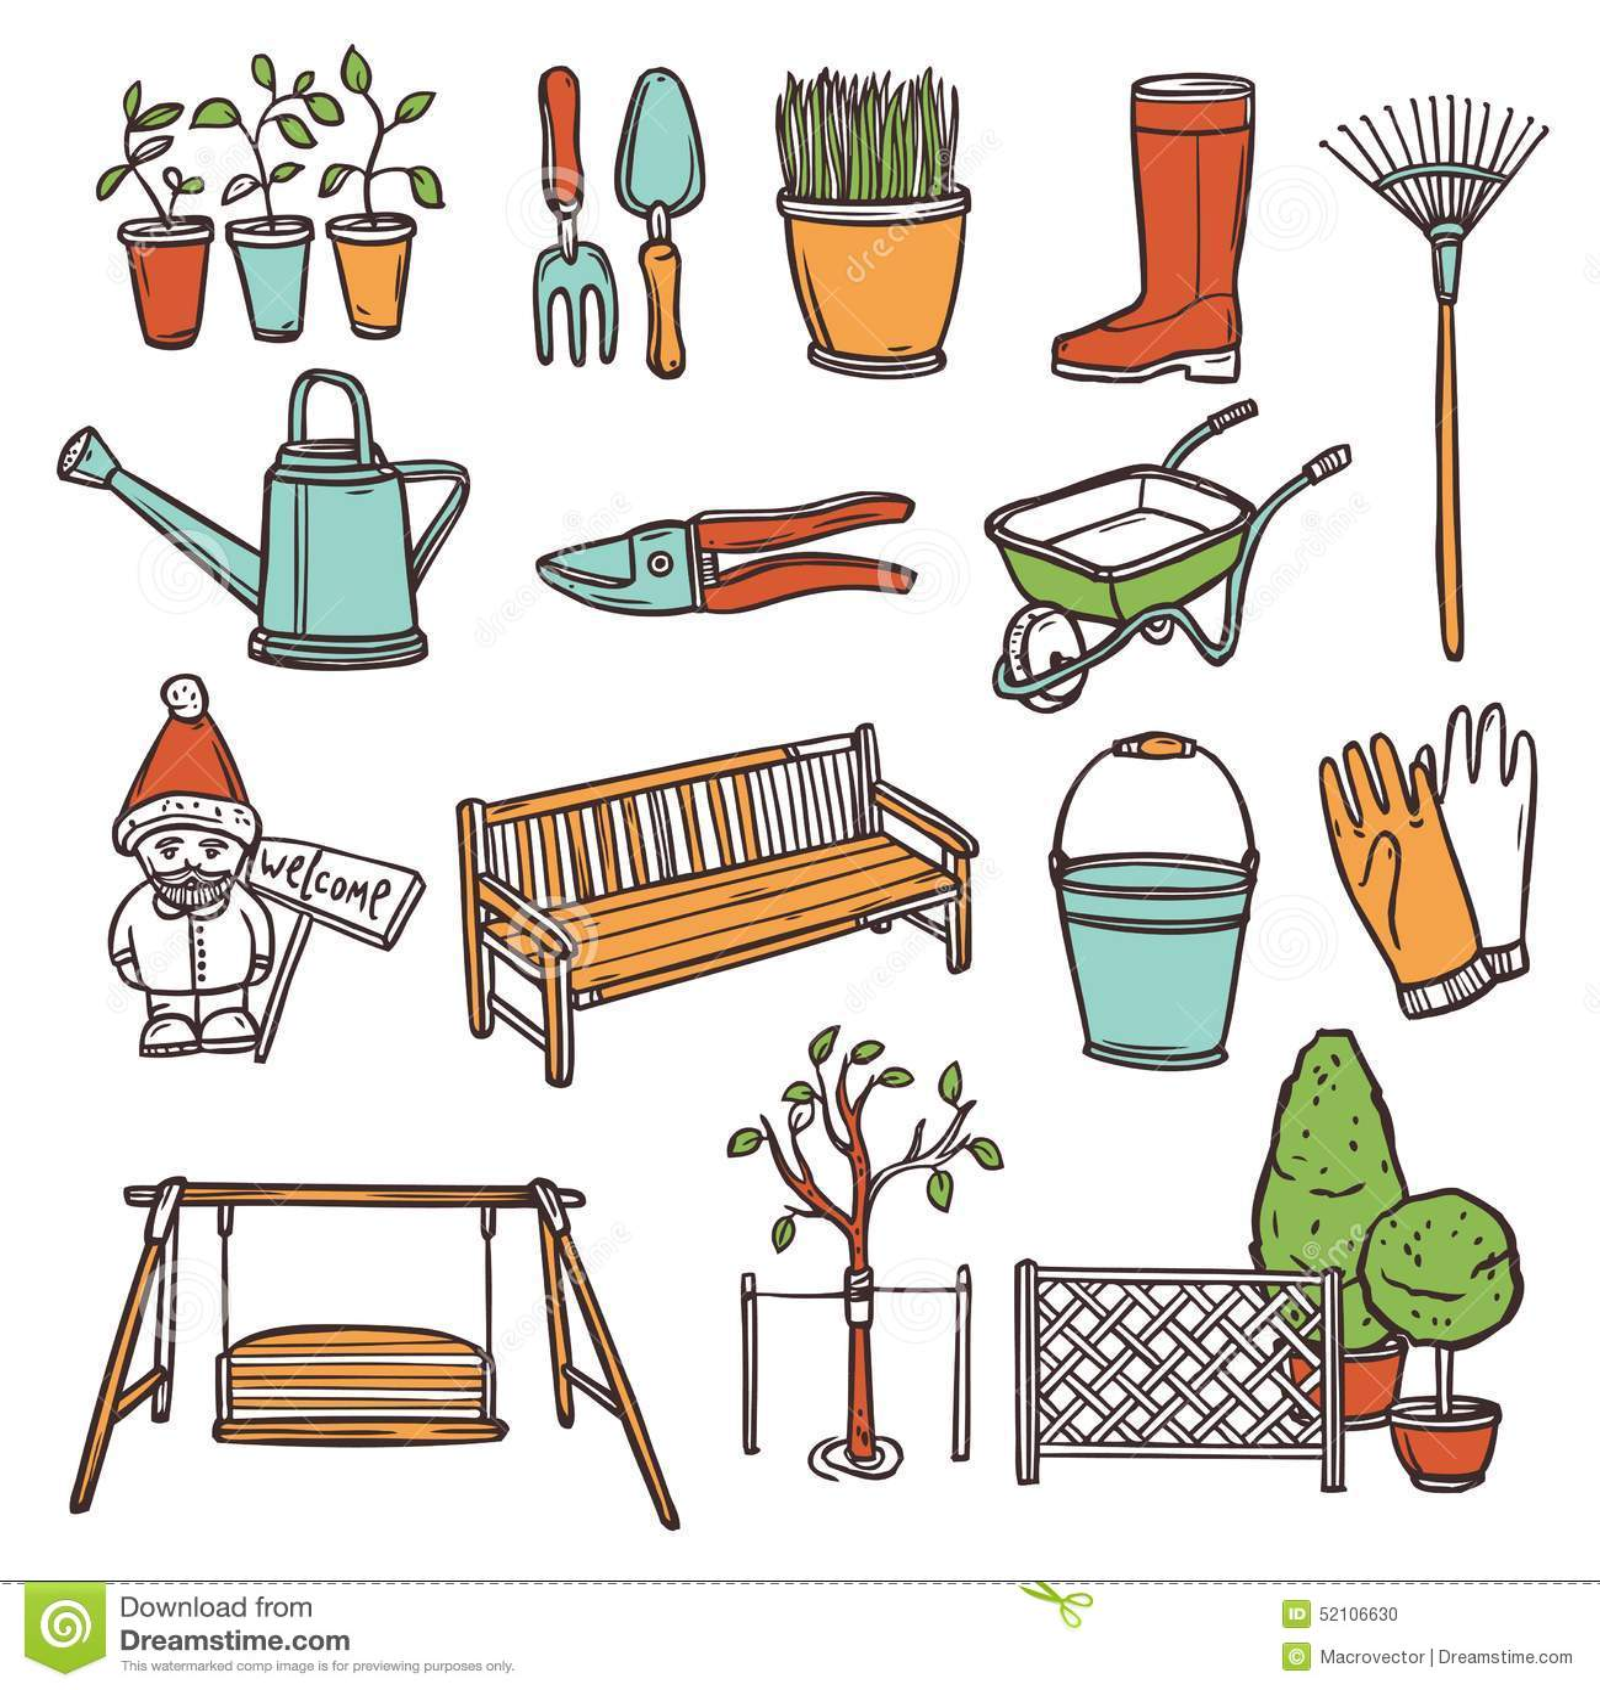 Trousse d 39 outils de jardinage illustration de vecteur for Dessin outils jardinage